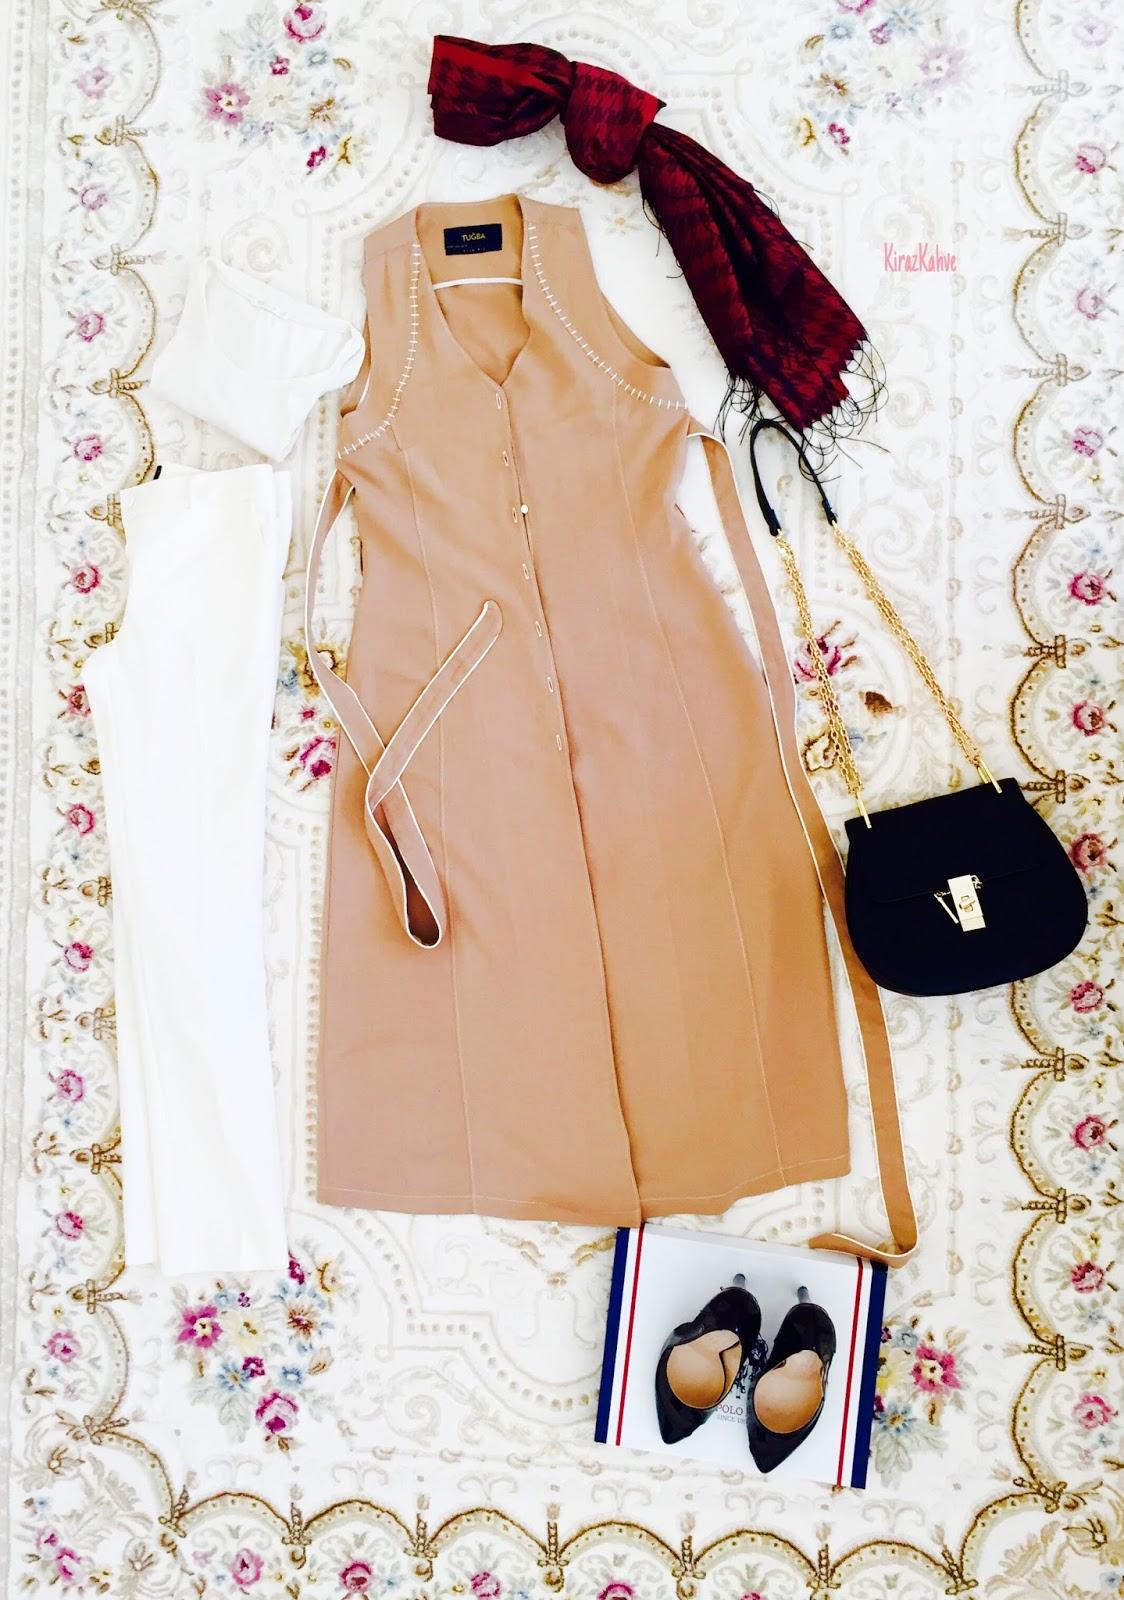 Tuğba Venn Tesettür Giyim tunik pantolon